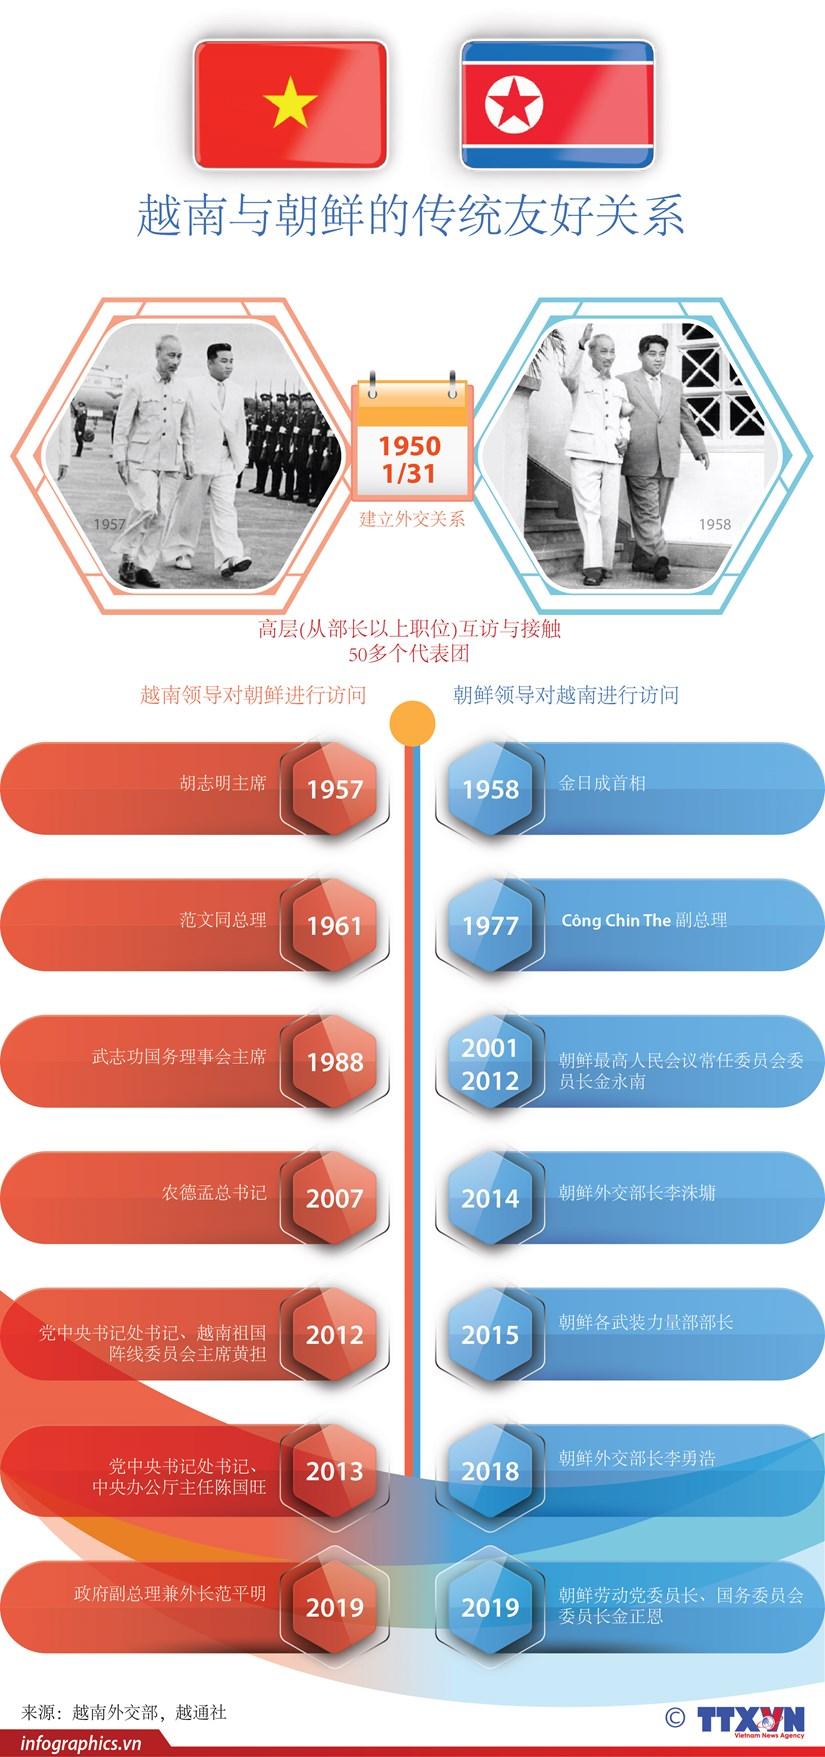 图表新闻:越南与朝鲜传统友好关系的里程碑 hinh anh 1